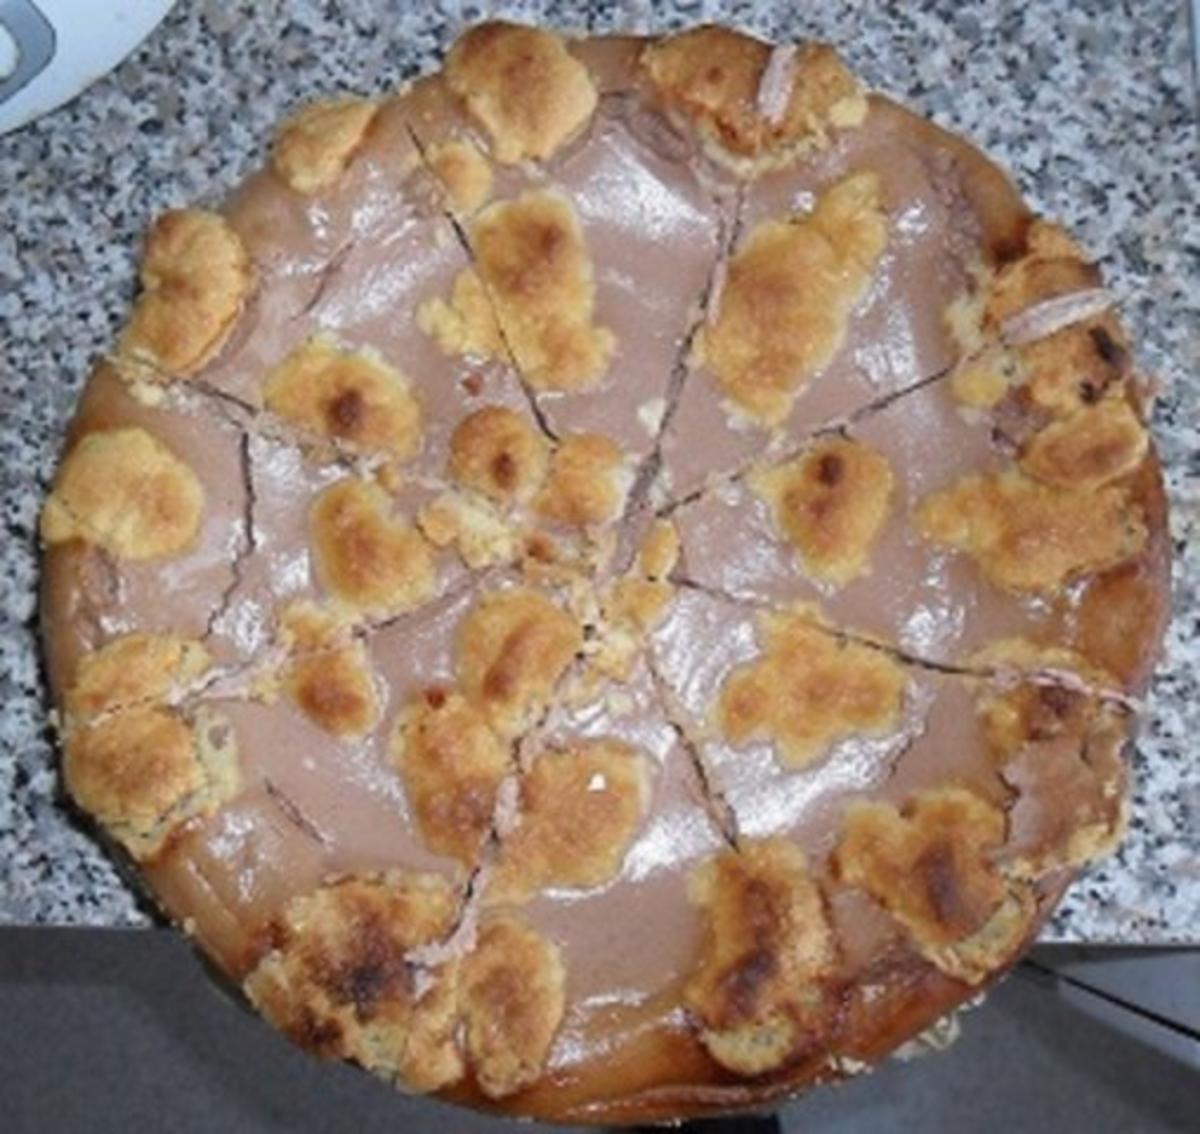 Zupfkuchen mit Mehl und Backpulver - Rezept Eingereicht von Katrin1974